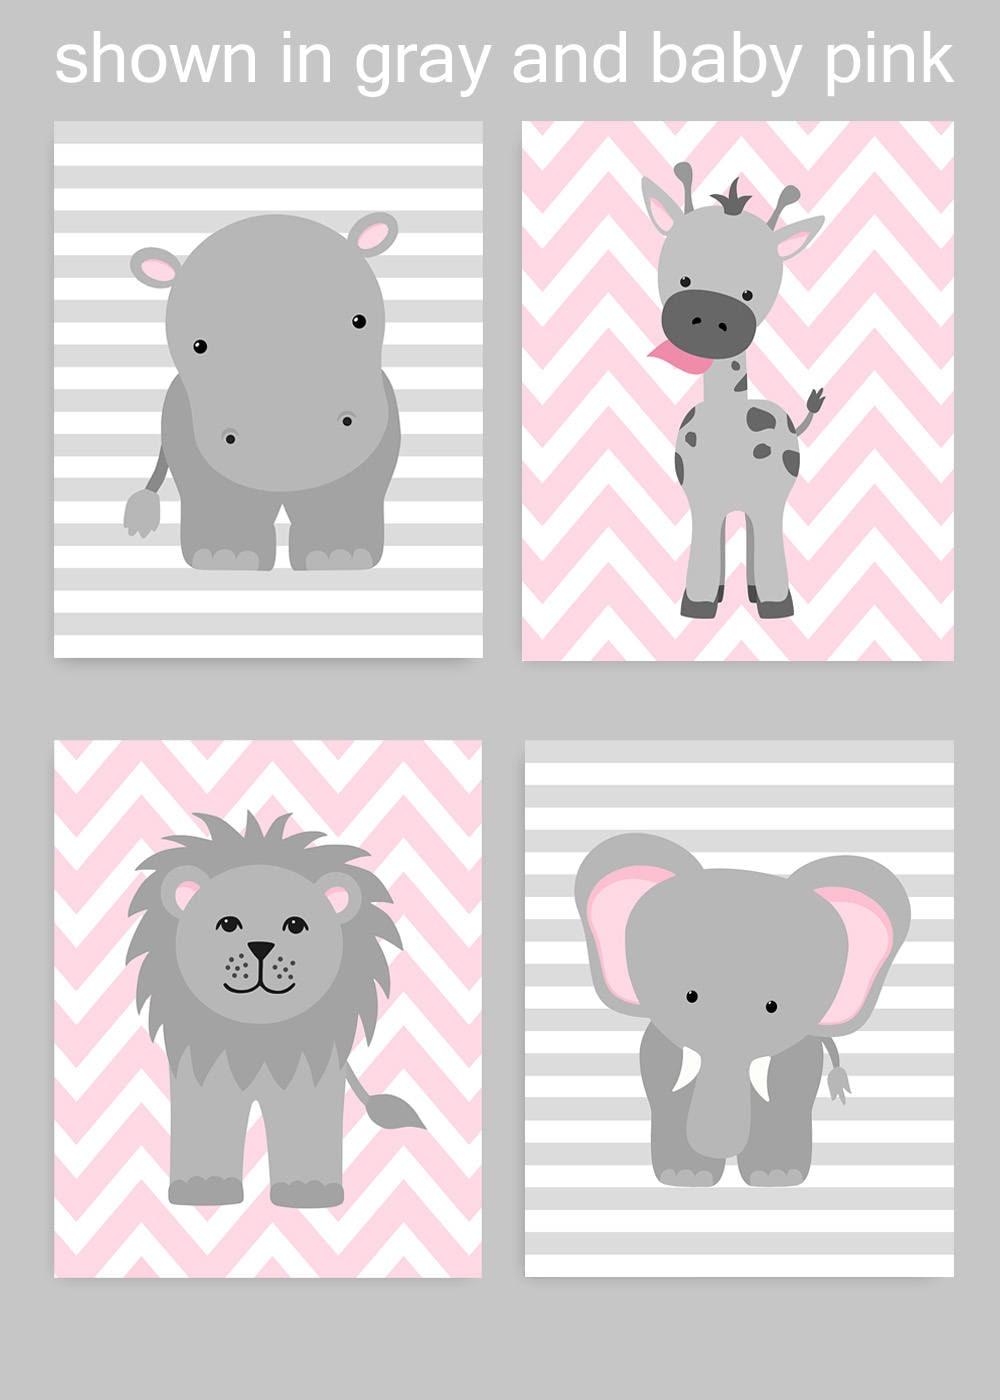 Zoo Kinderzimmer Dekor grau und rosa Kinderzimmer Mädchen